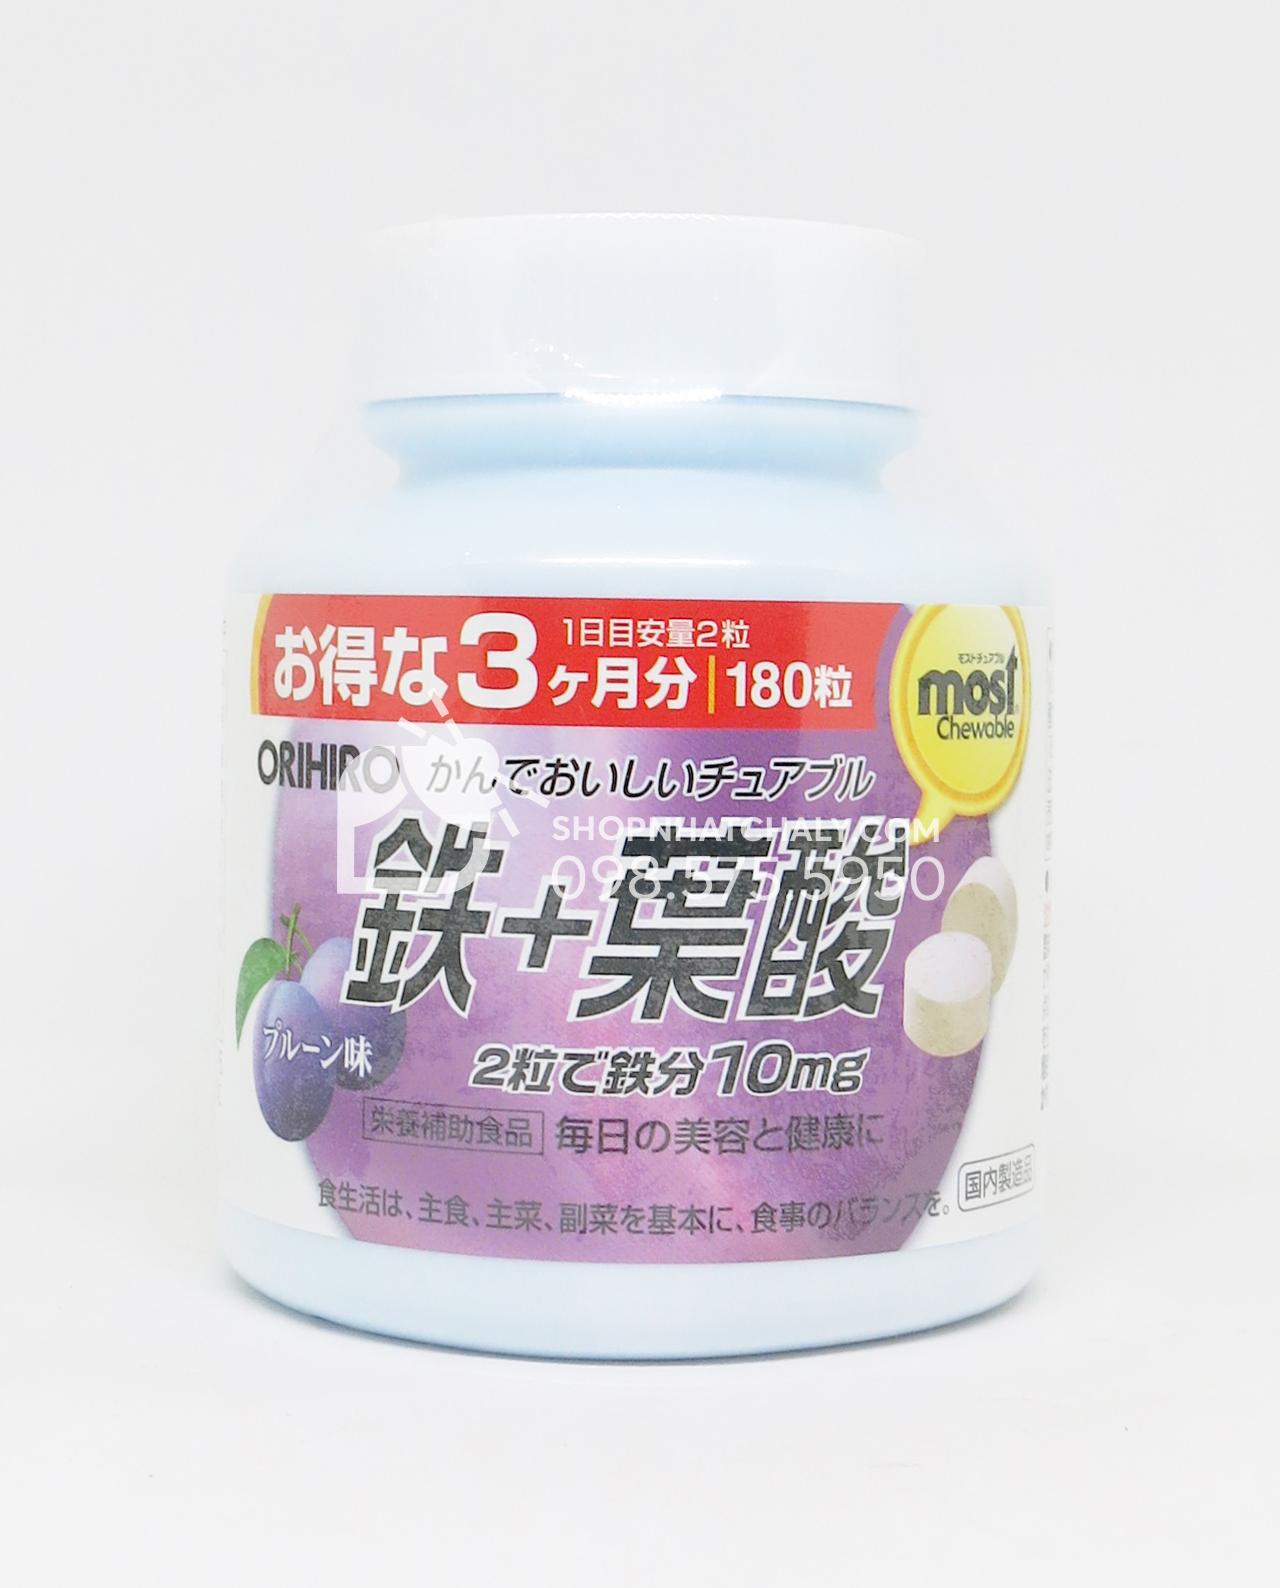 Viên sắt acid folic Nhật Bản Orihiro Most Chewable Iron 180 viên mẫu 2018 - chỉ 2 viên mỗi ngày cung cấp đủ sắt cần thiết cho cơ thể. Đặc biệt cần cho phụ nữ giai đoạn mang thai, bạn gái thiếu máu